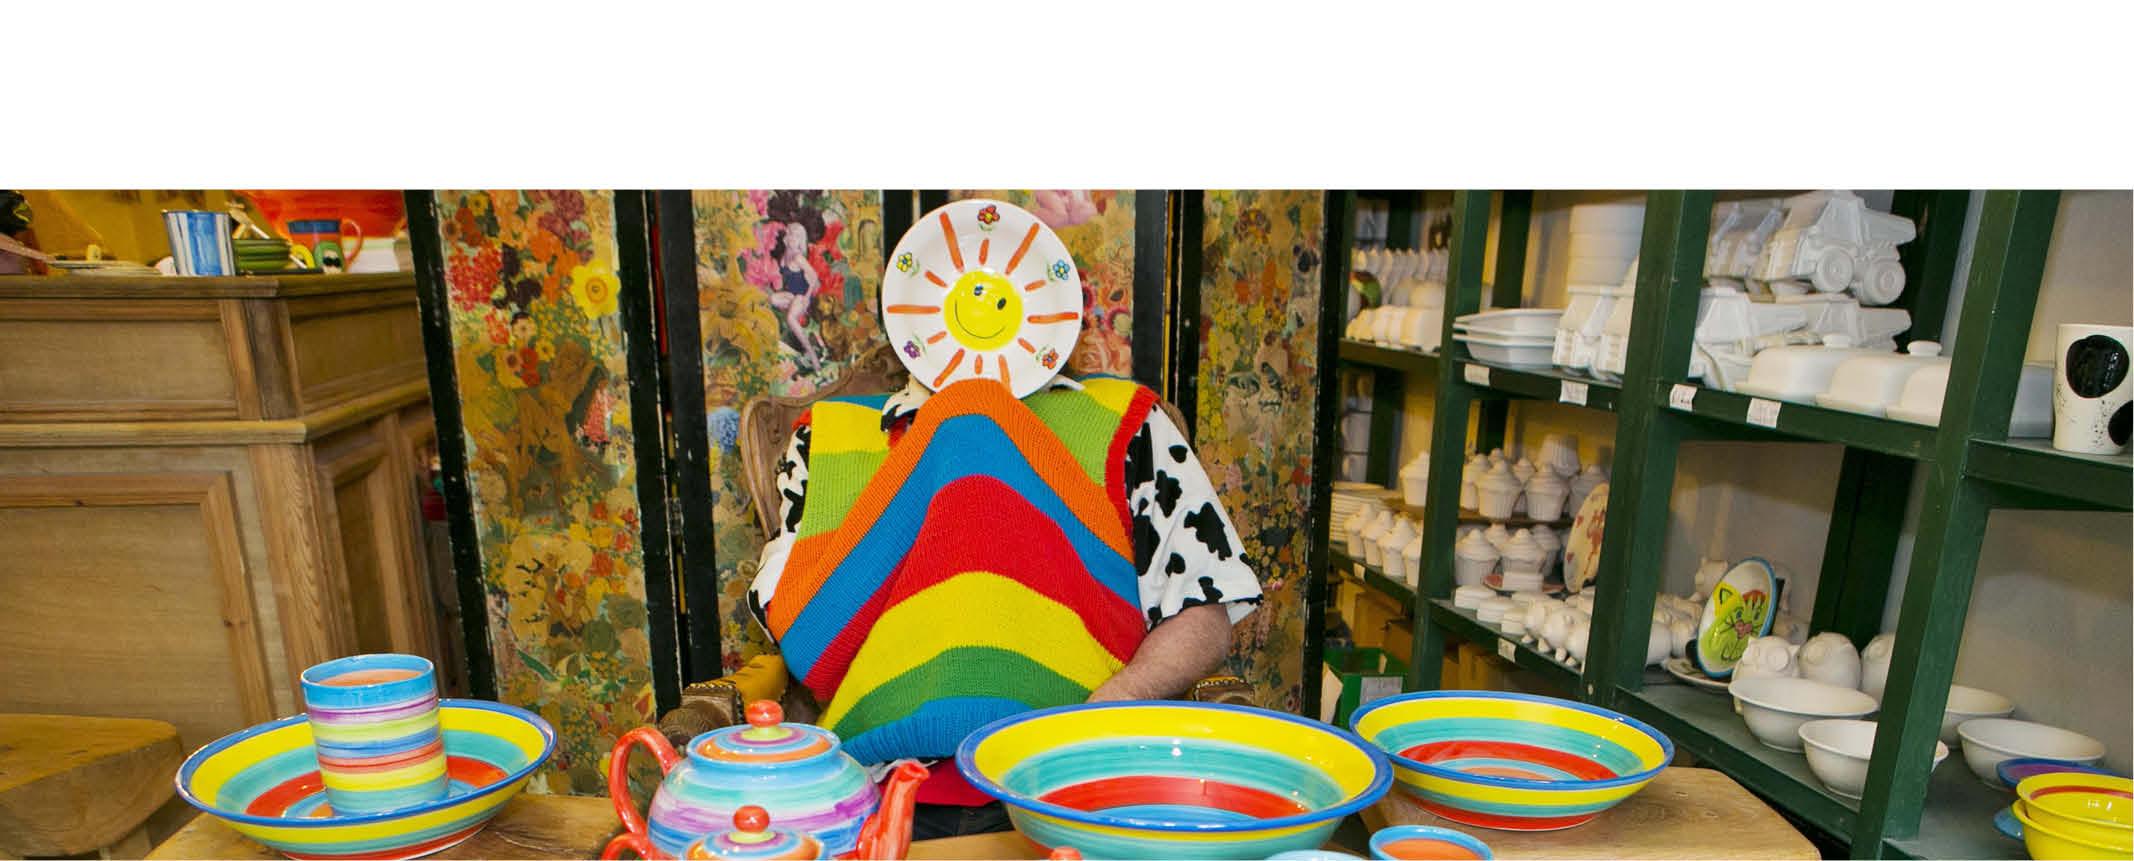 Reckless-Designs-ceramics